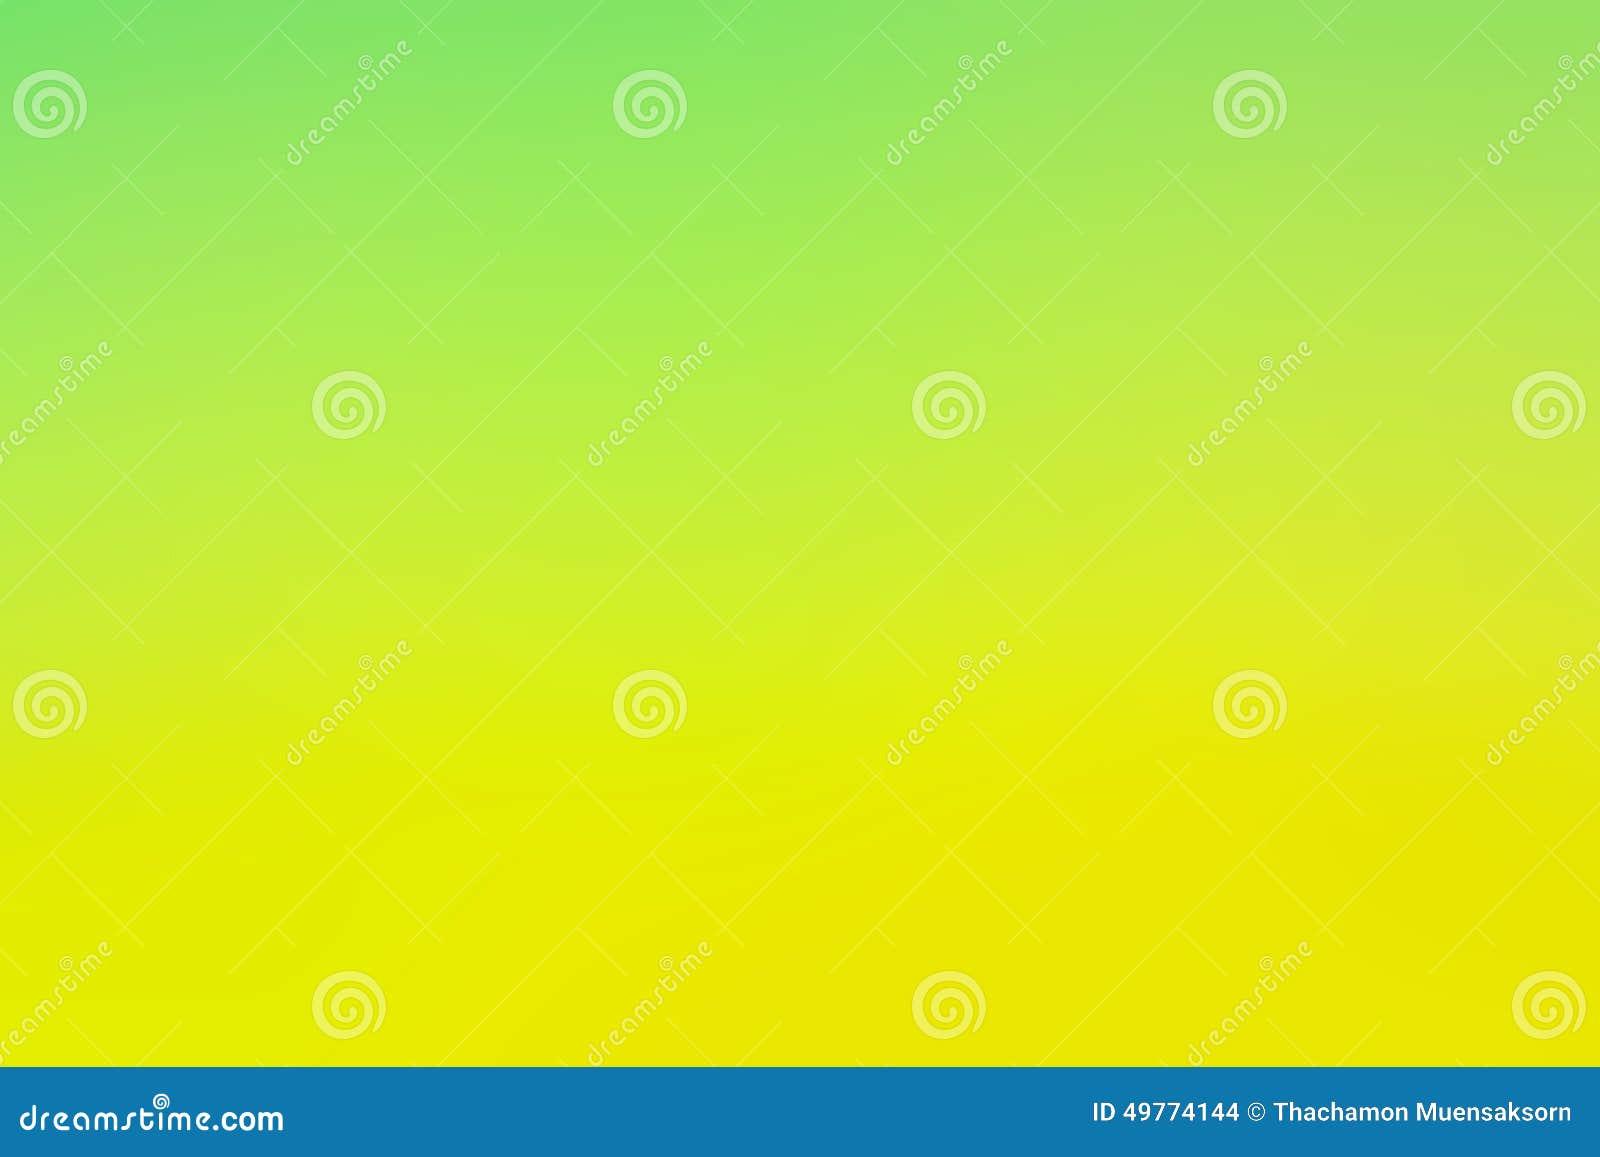 Fond Jaune Vert Trouble Abstrait De Couleur Photo stock   Image du